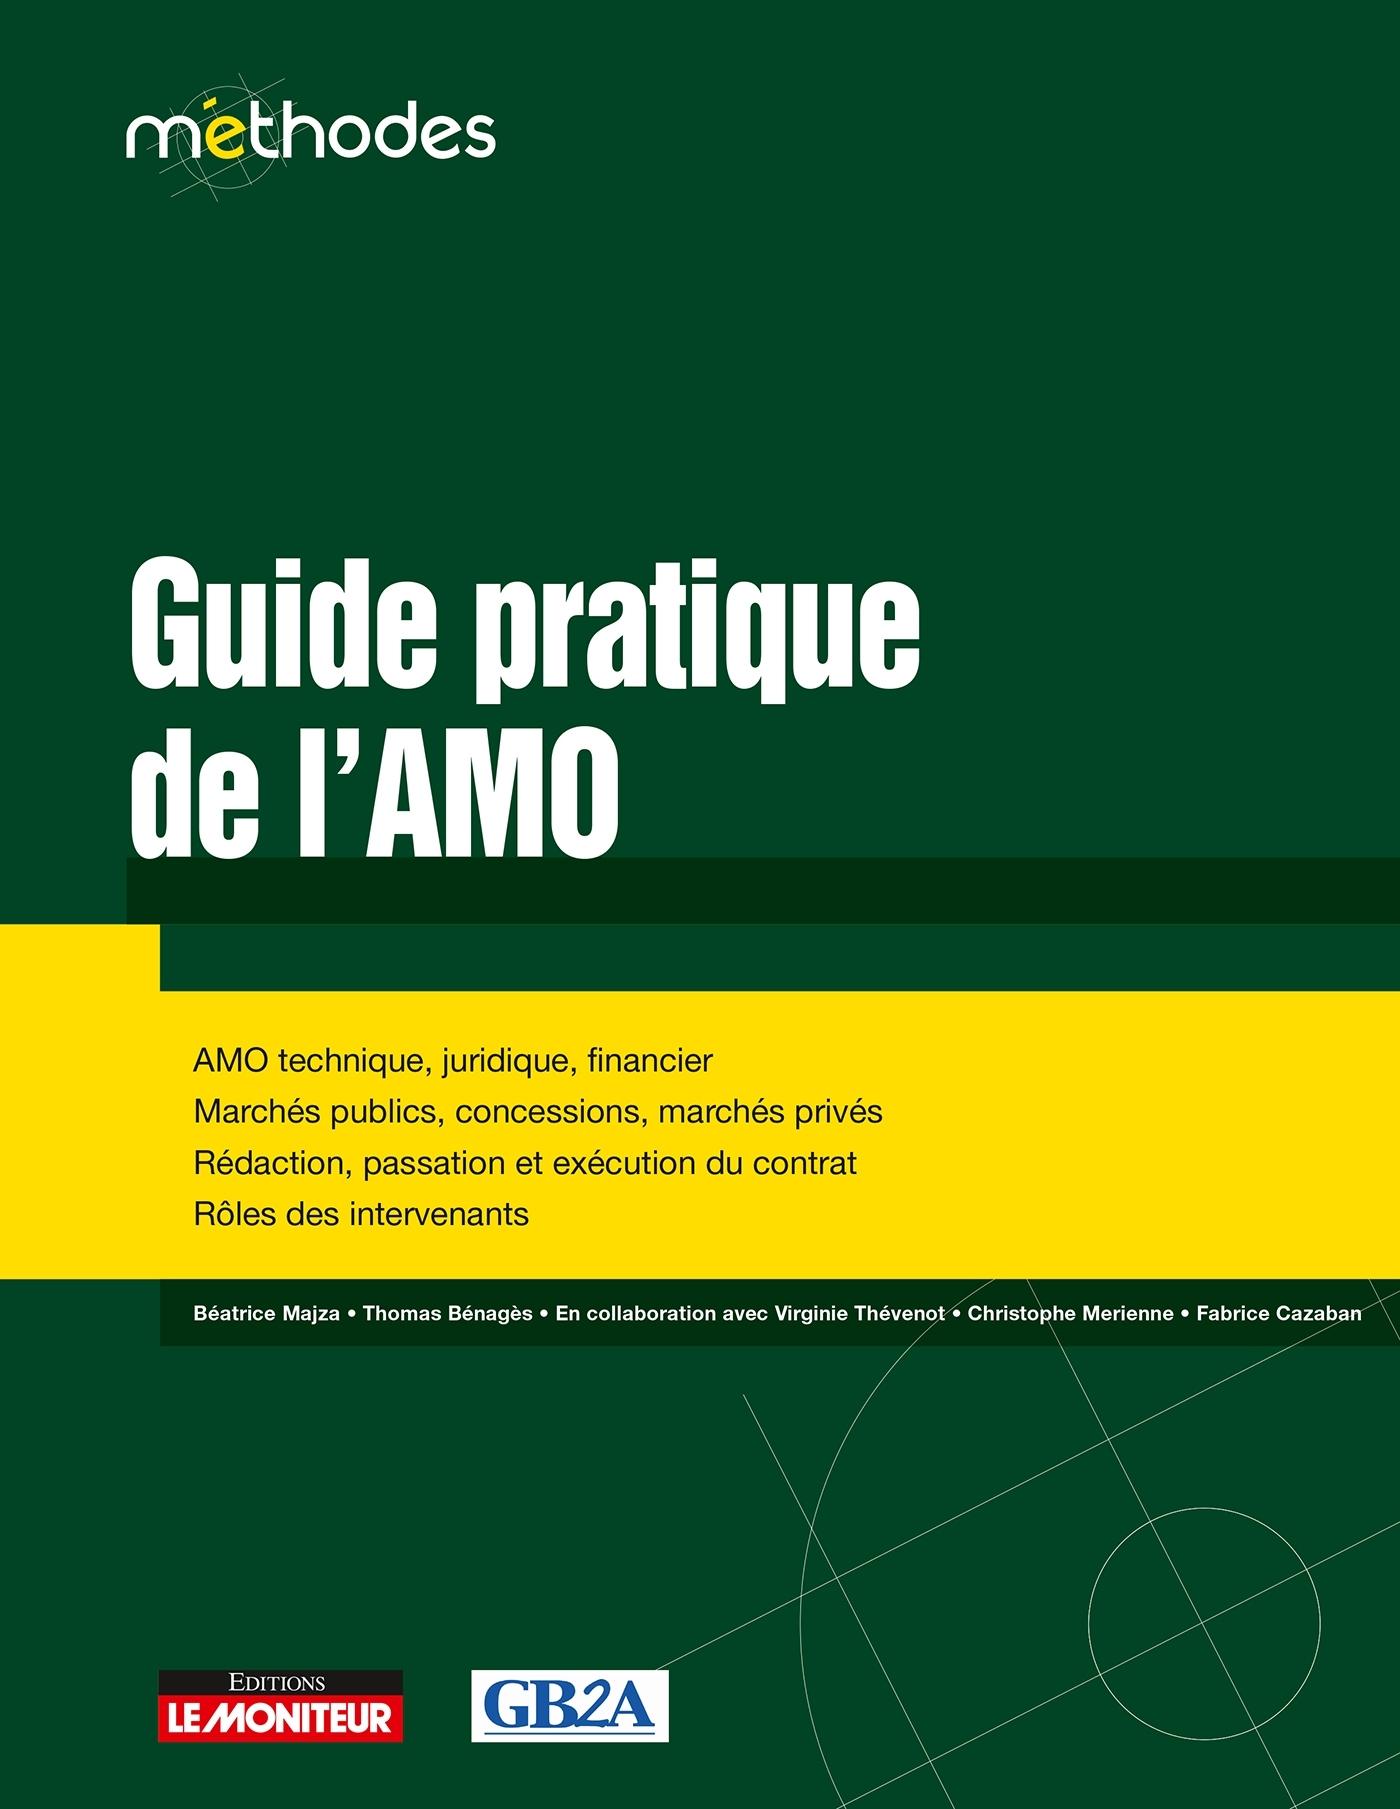 GUIDE PRATIQUE DE L'AMO